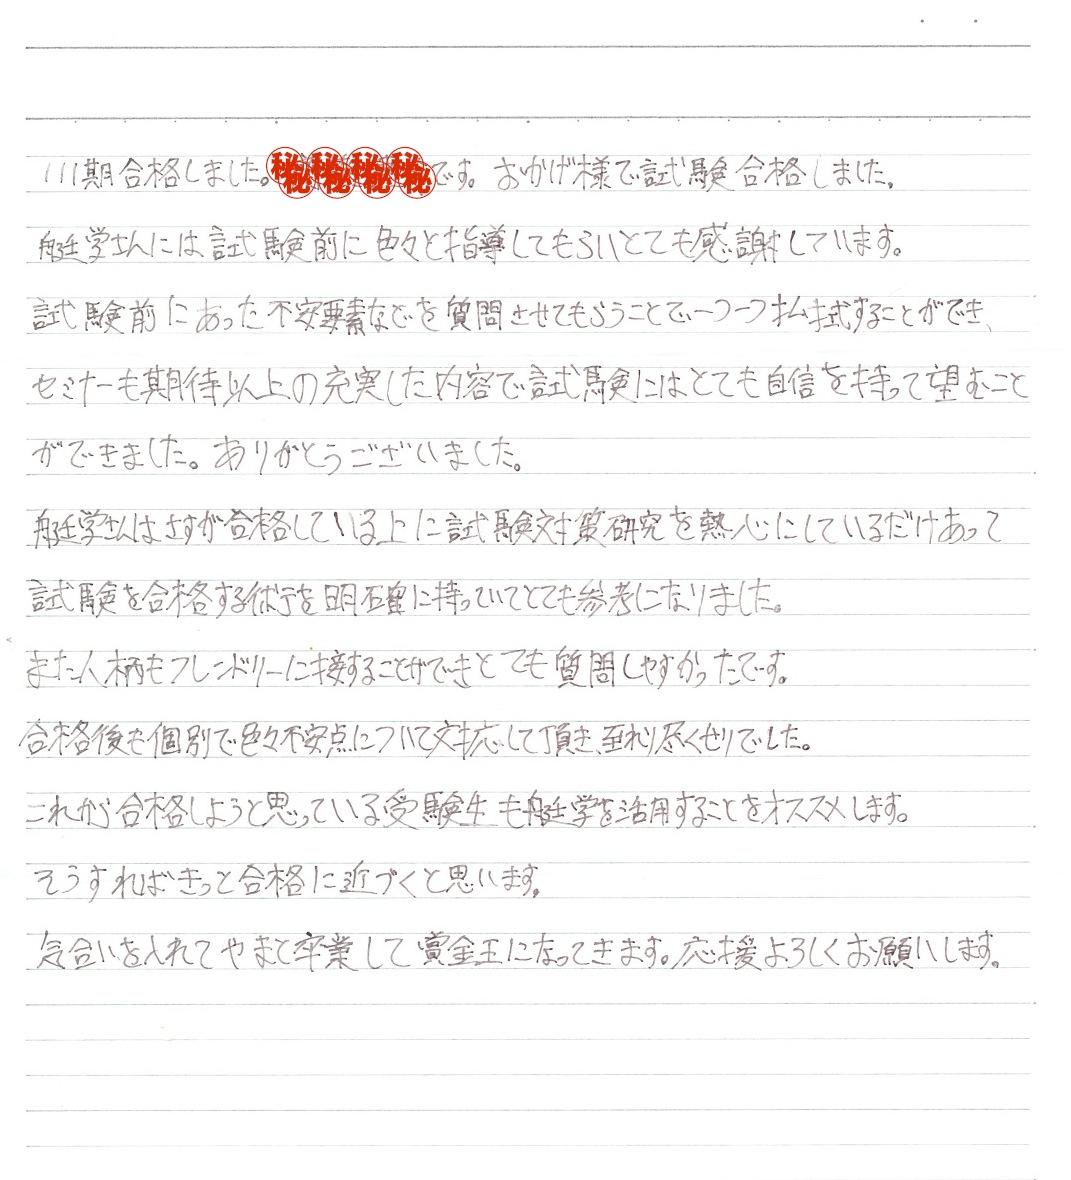 20121013130706904.jpg